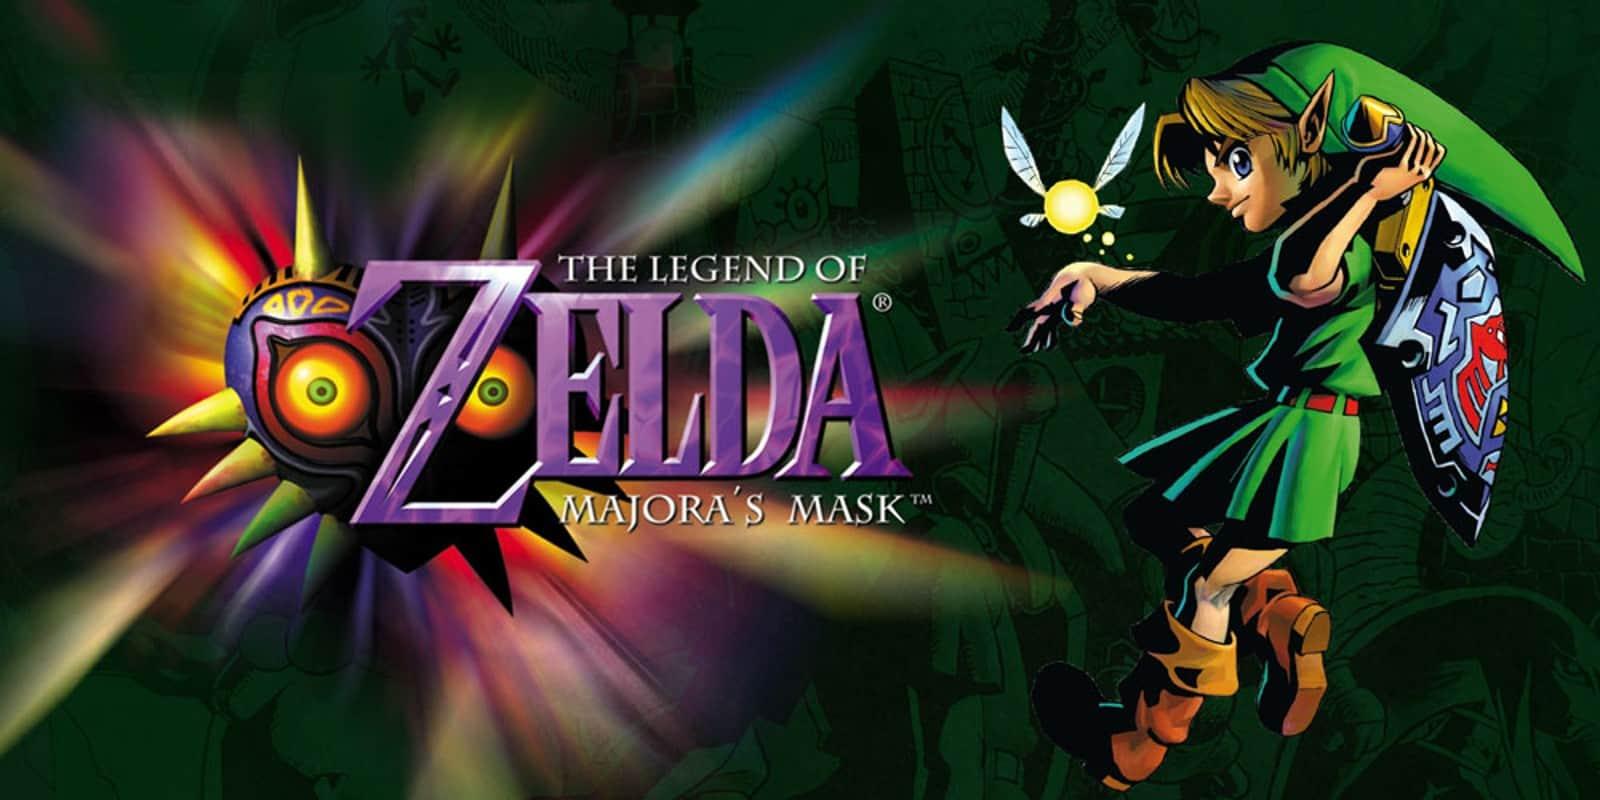 Best Zelda Games - The Legend of Zelda - Majora's Mask